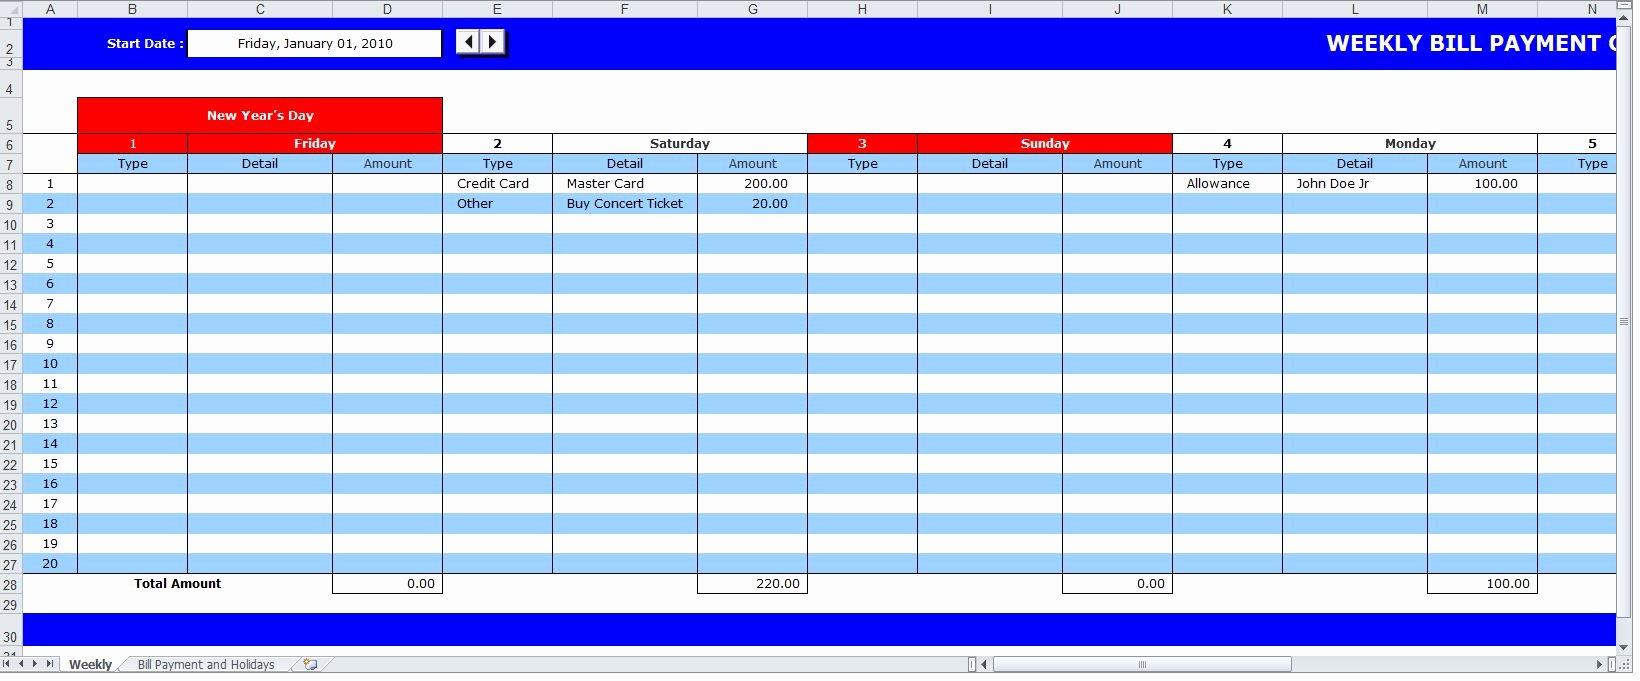 Bill Payment Calendar Template Fresh Bill Payment Schedule